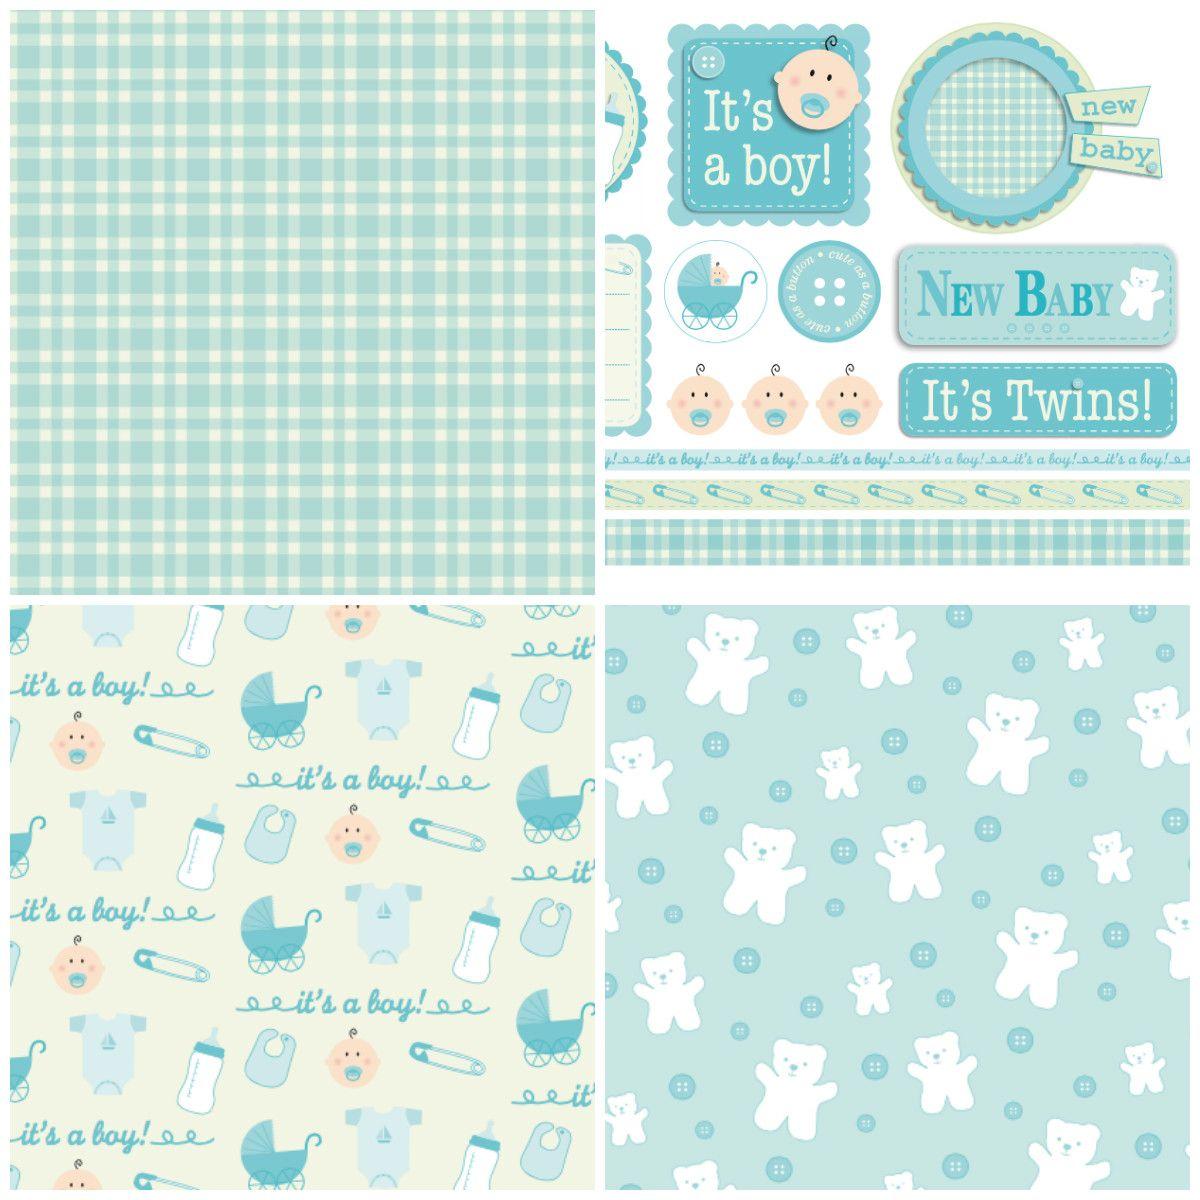 Handmade For Babies – Free Papers | Printable Papers | Digital Paper - Free Online Digital Scrapbooking Printable